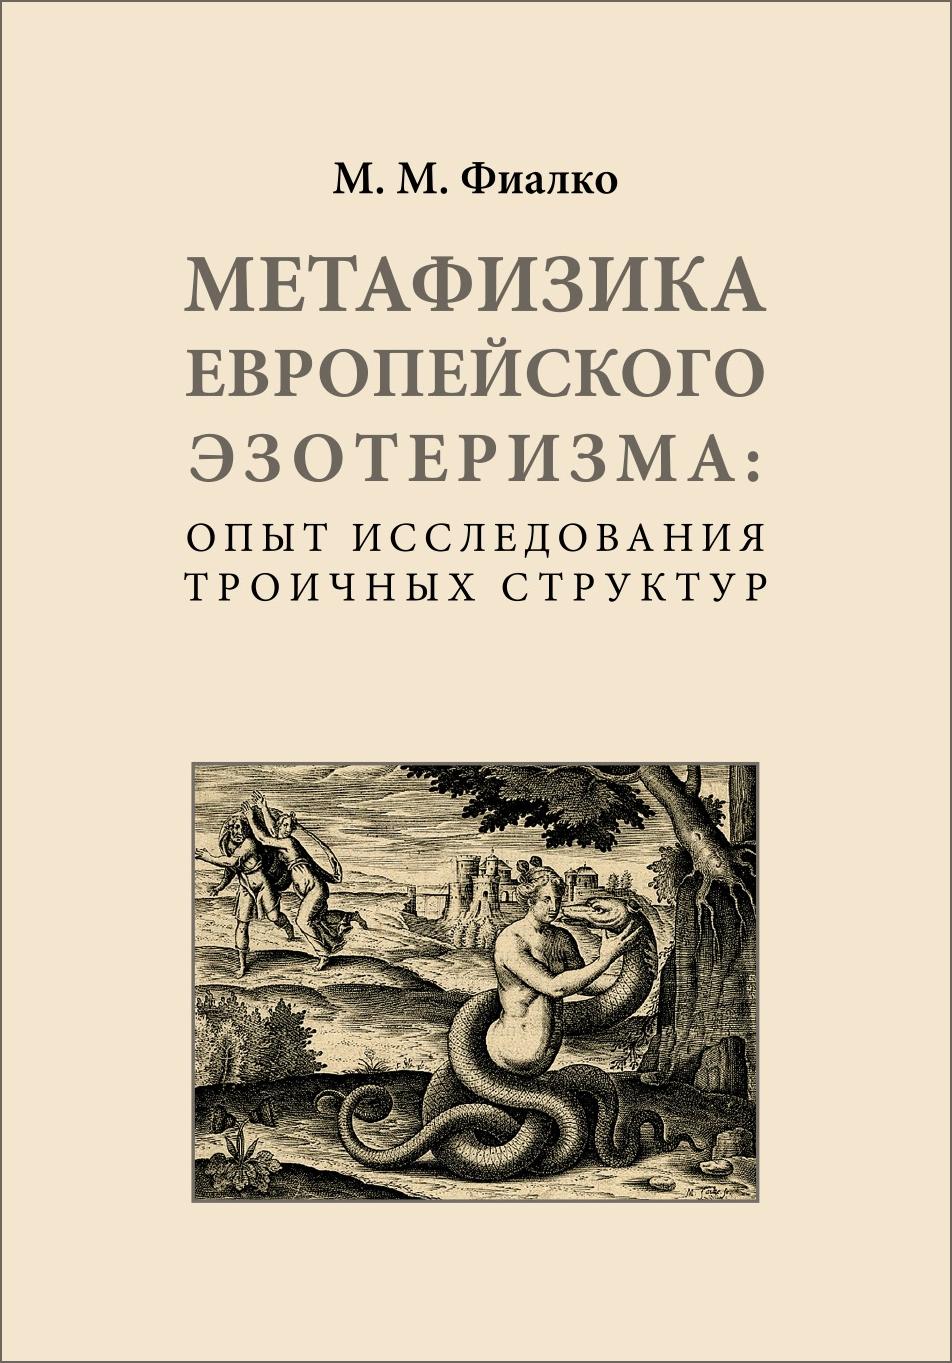 Фиалко М. М. Метафизика европейского эзотеризма: опыт исследования троичных структур. Издательство РХГА